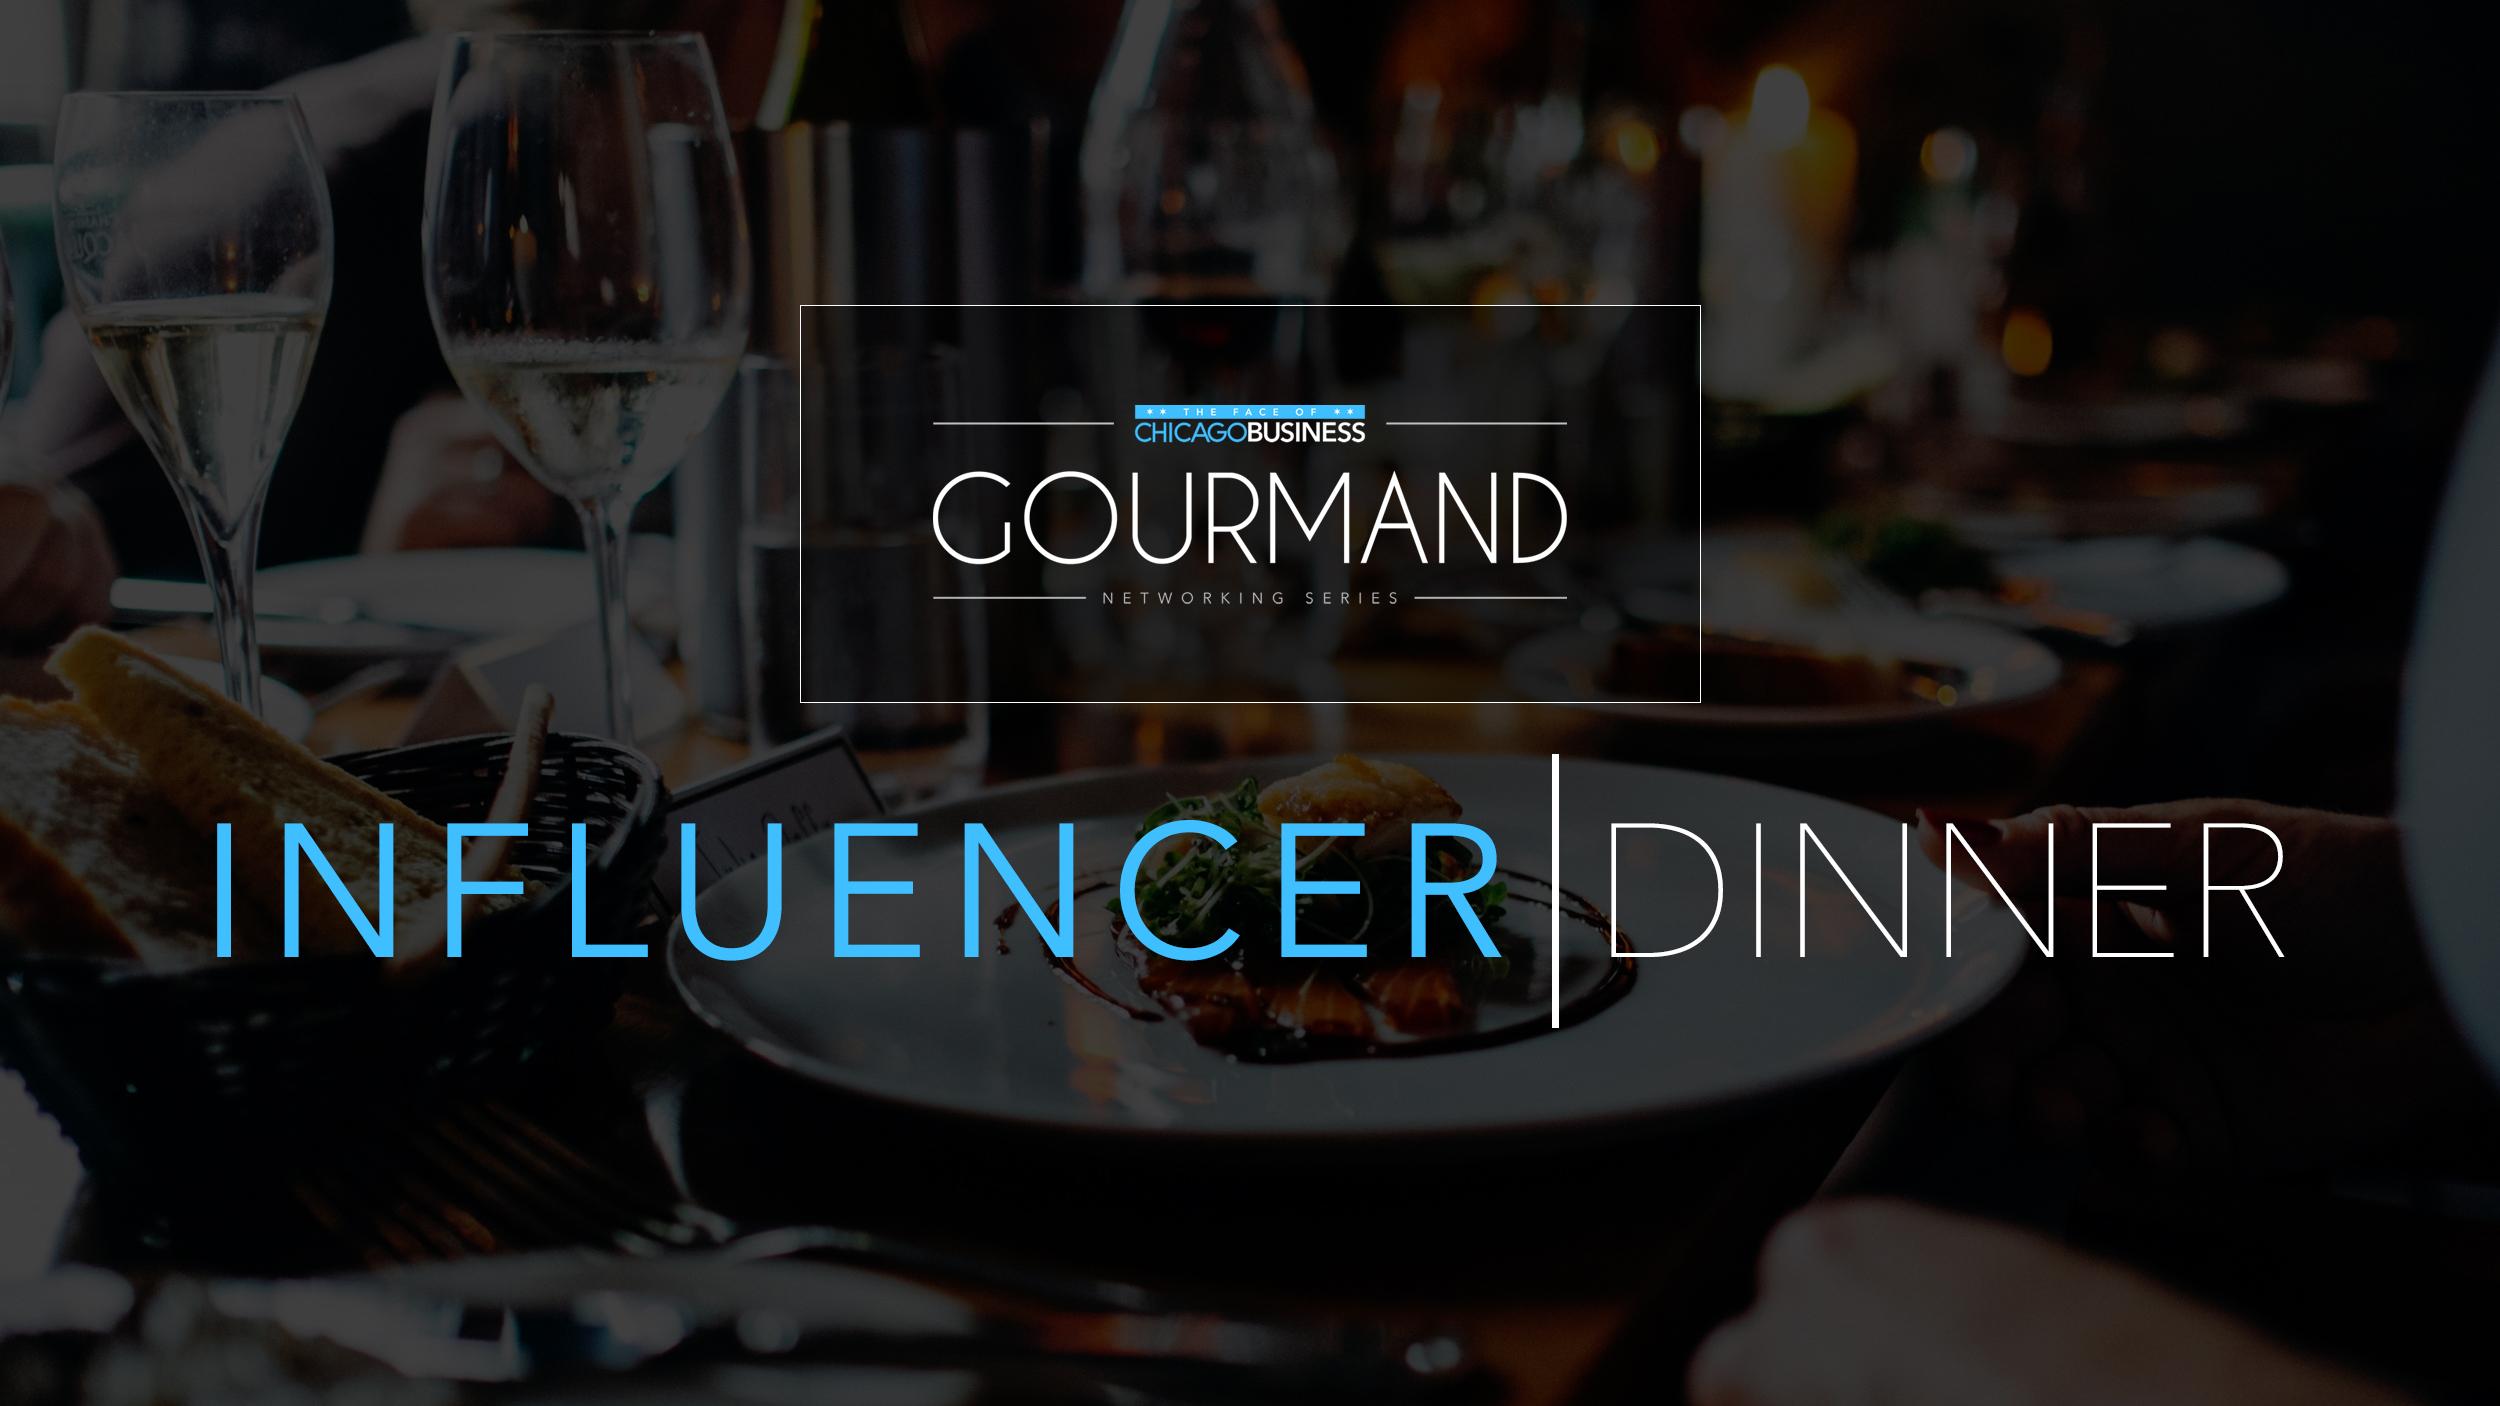 influencer dinner